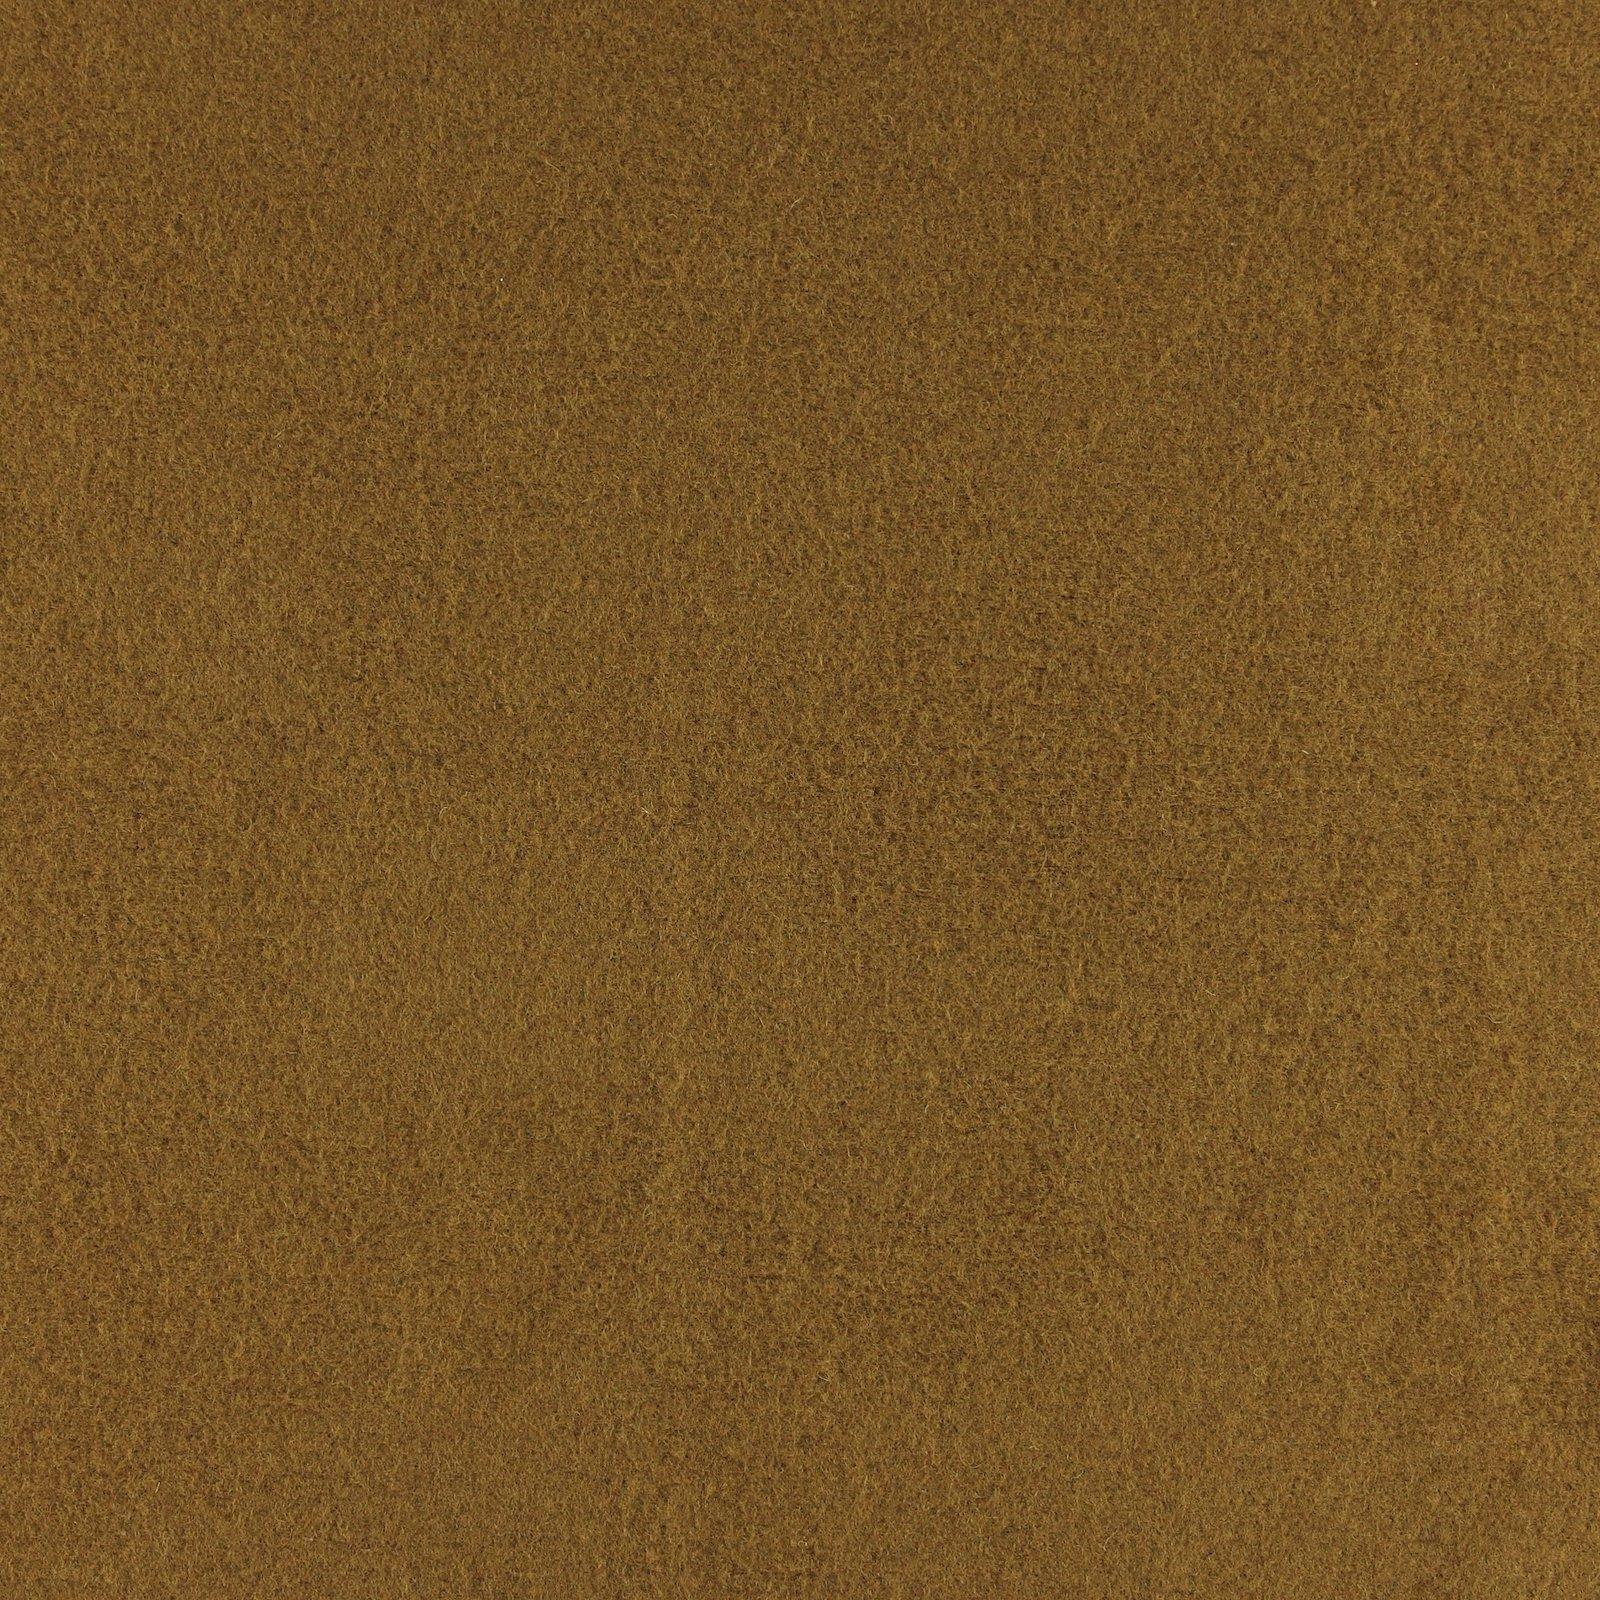 Wool felt olive green melange 310356_pack_solid